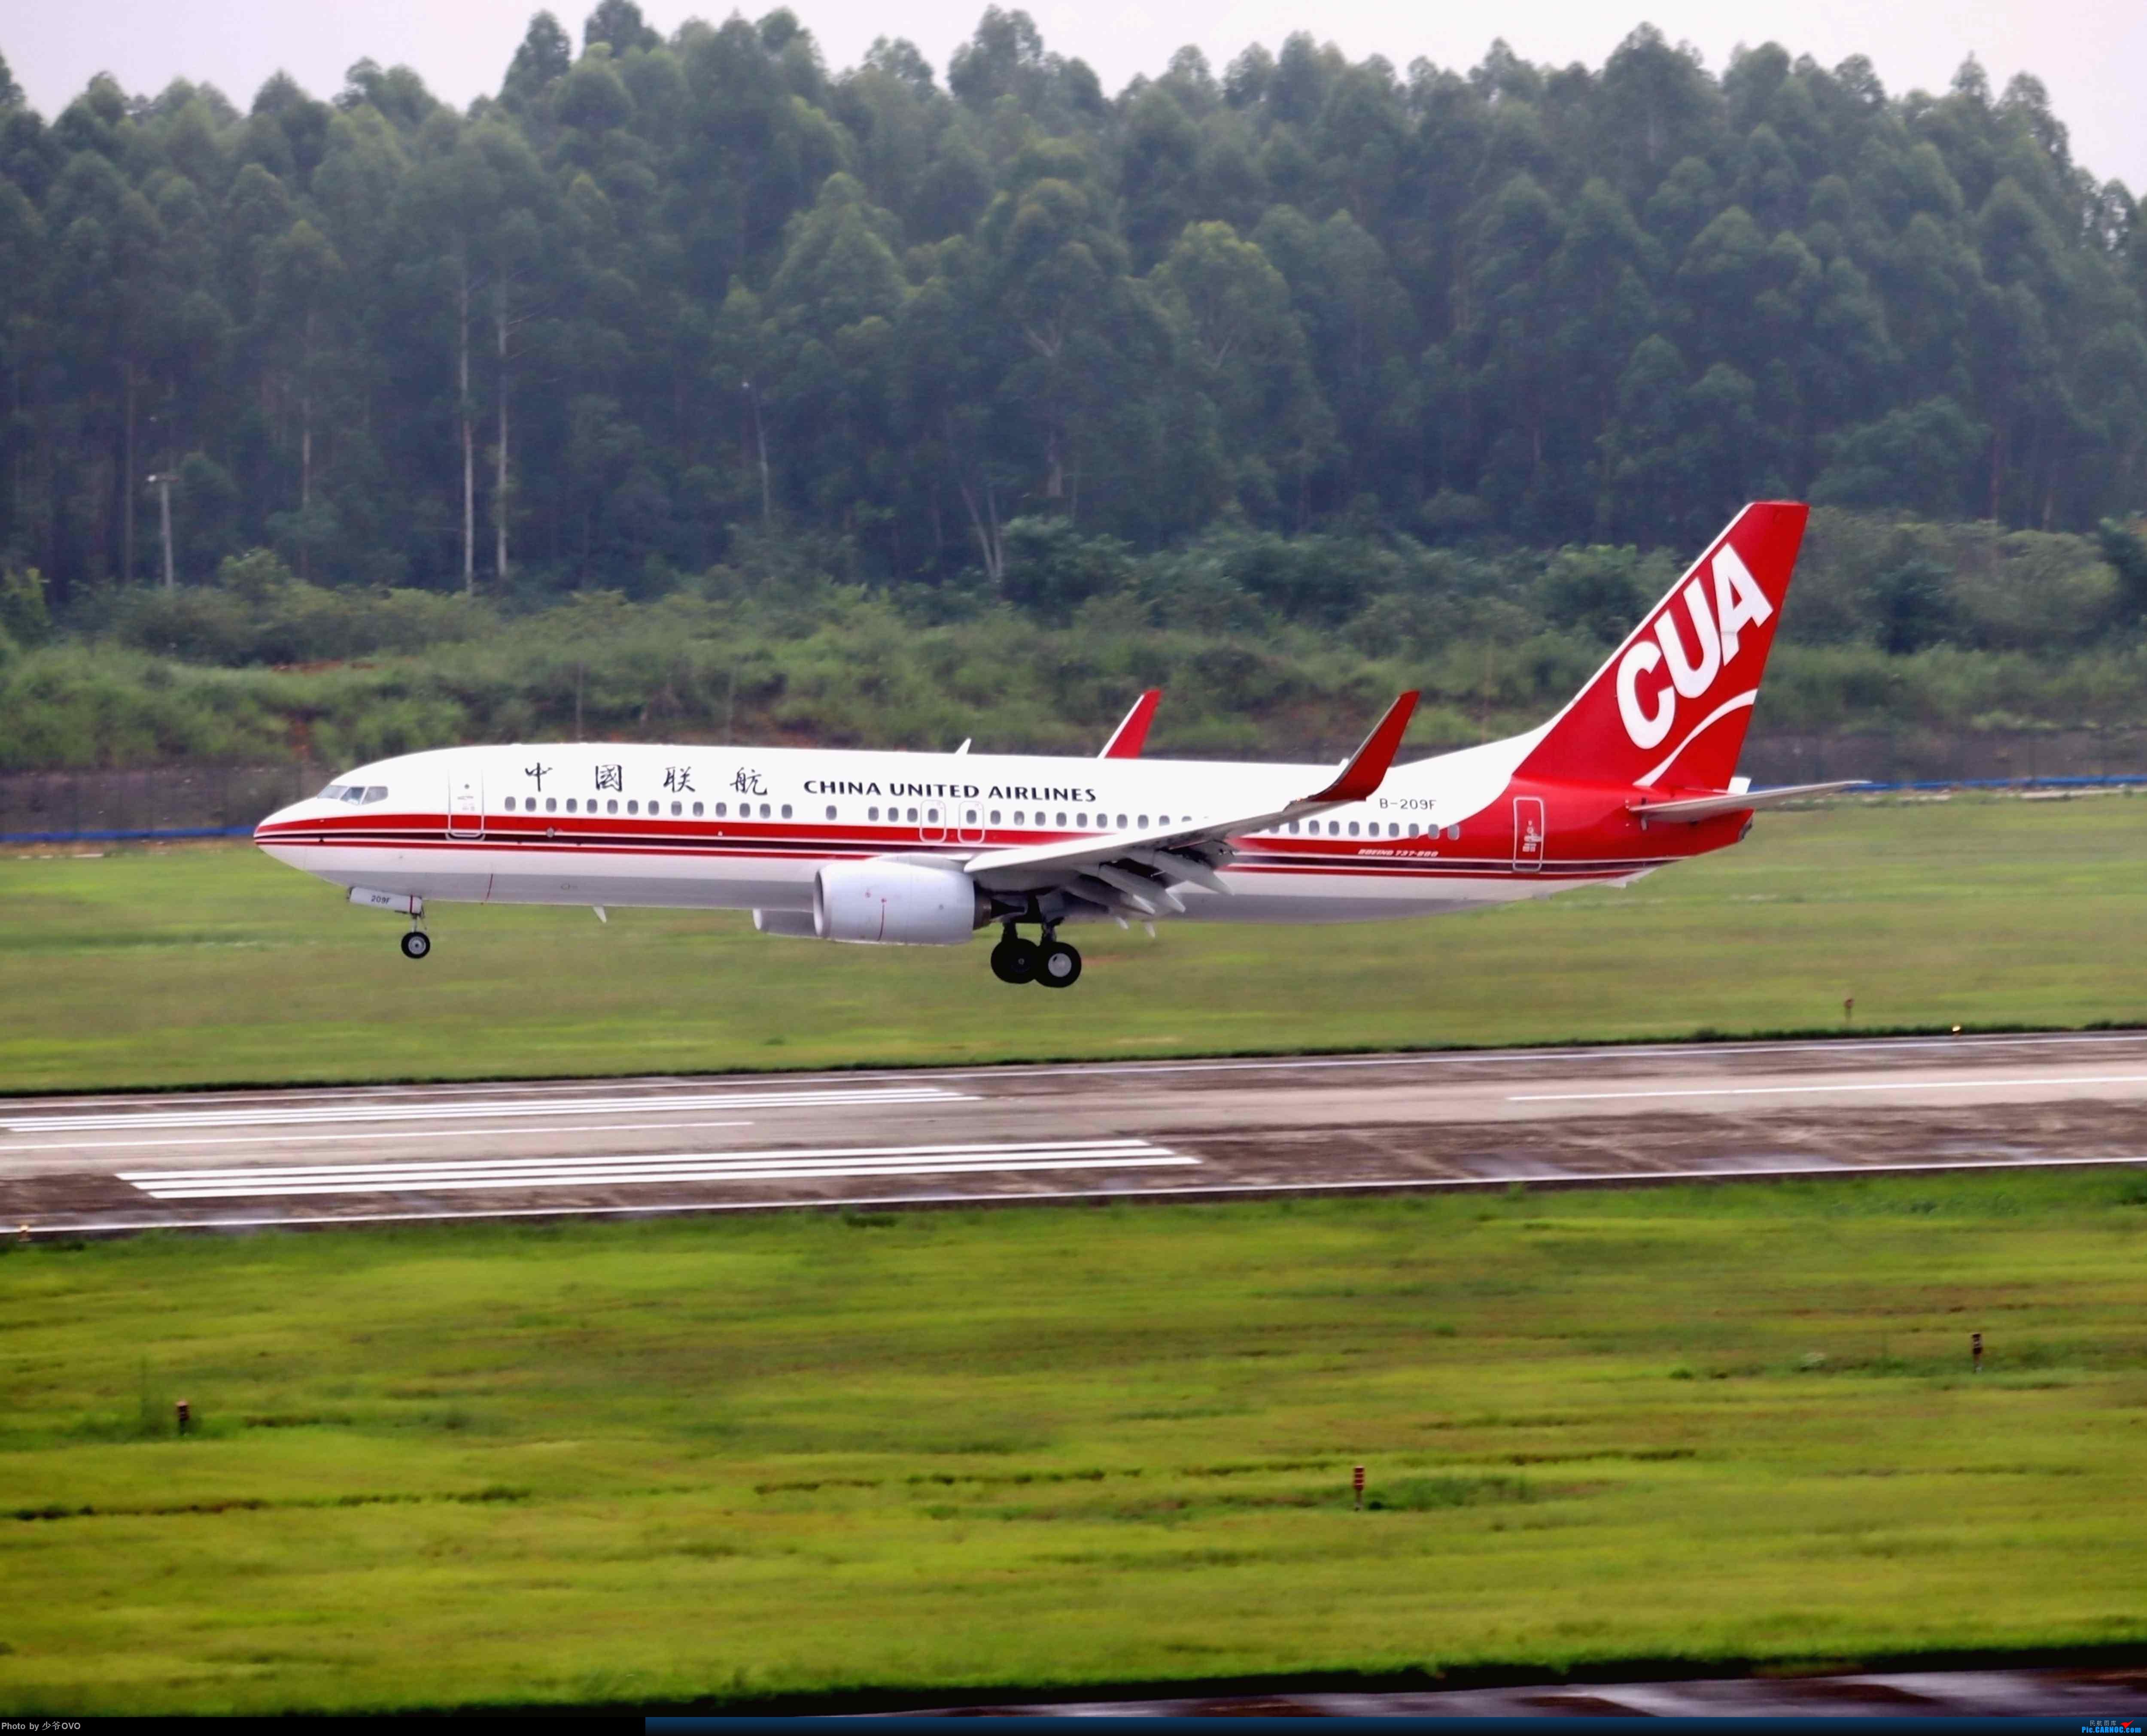 Re:[原创](2020.8.1)少爷的CTU拍机(厦门航空联合国787) BOEING 737-800 B-209F 中国成都双流国际机场